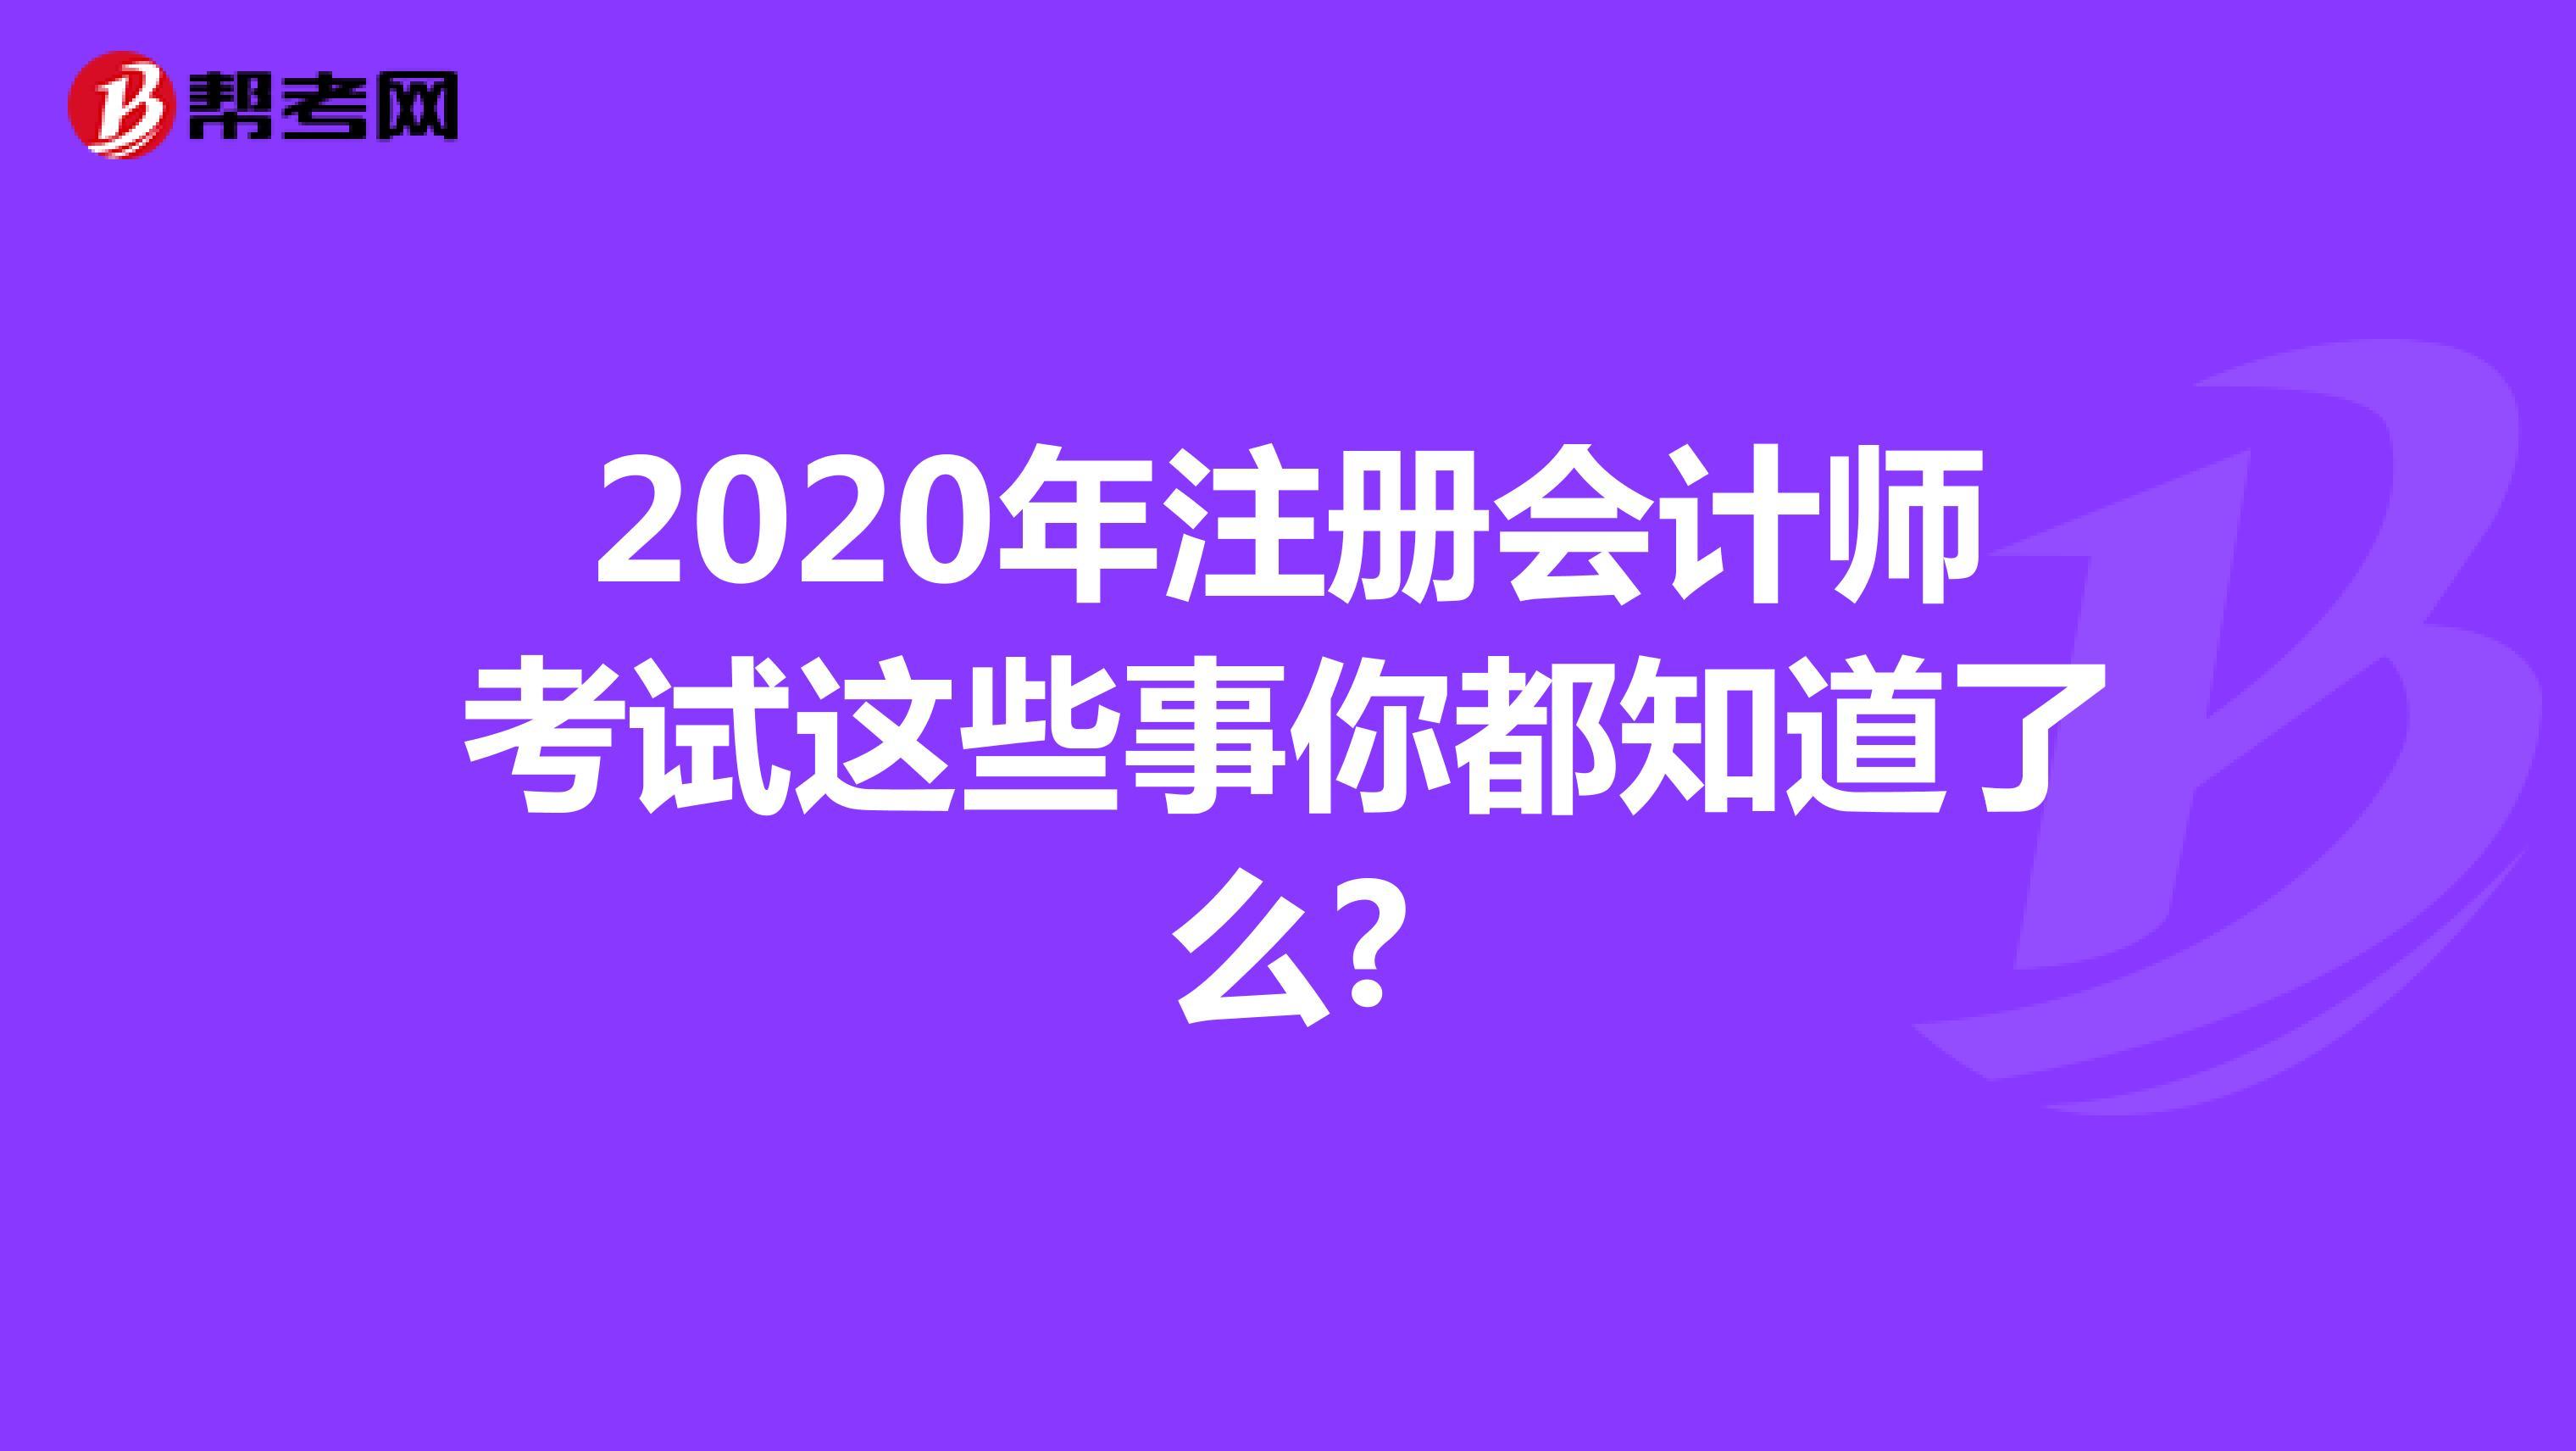 2020年【hot88热竞技提款】注册会计师考试这些事你都知道了么?